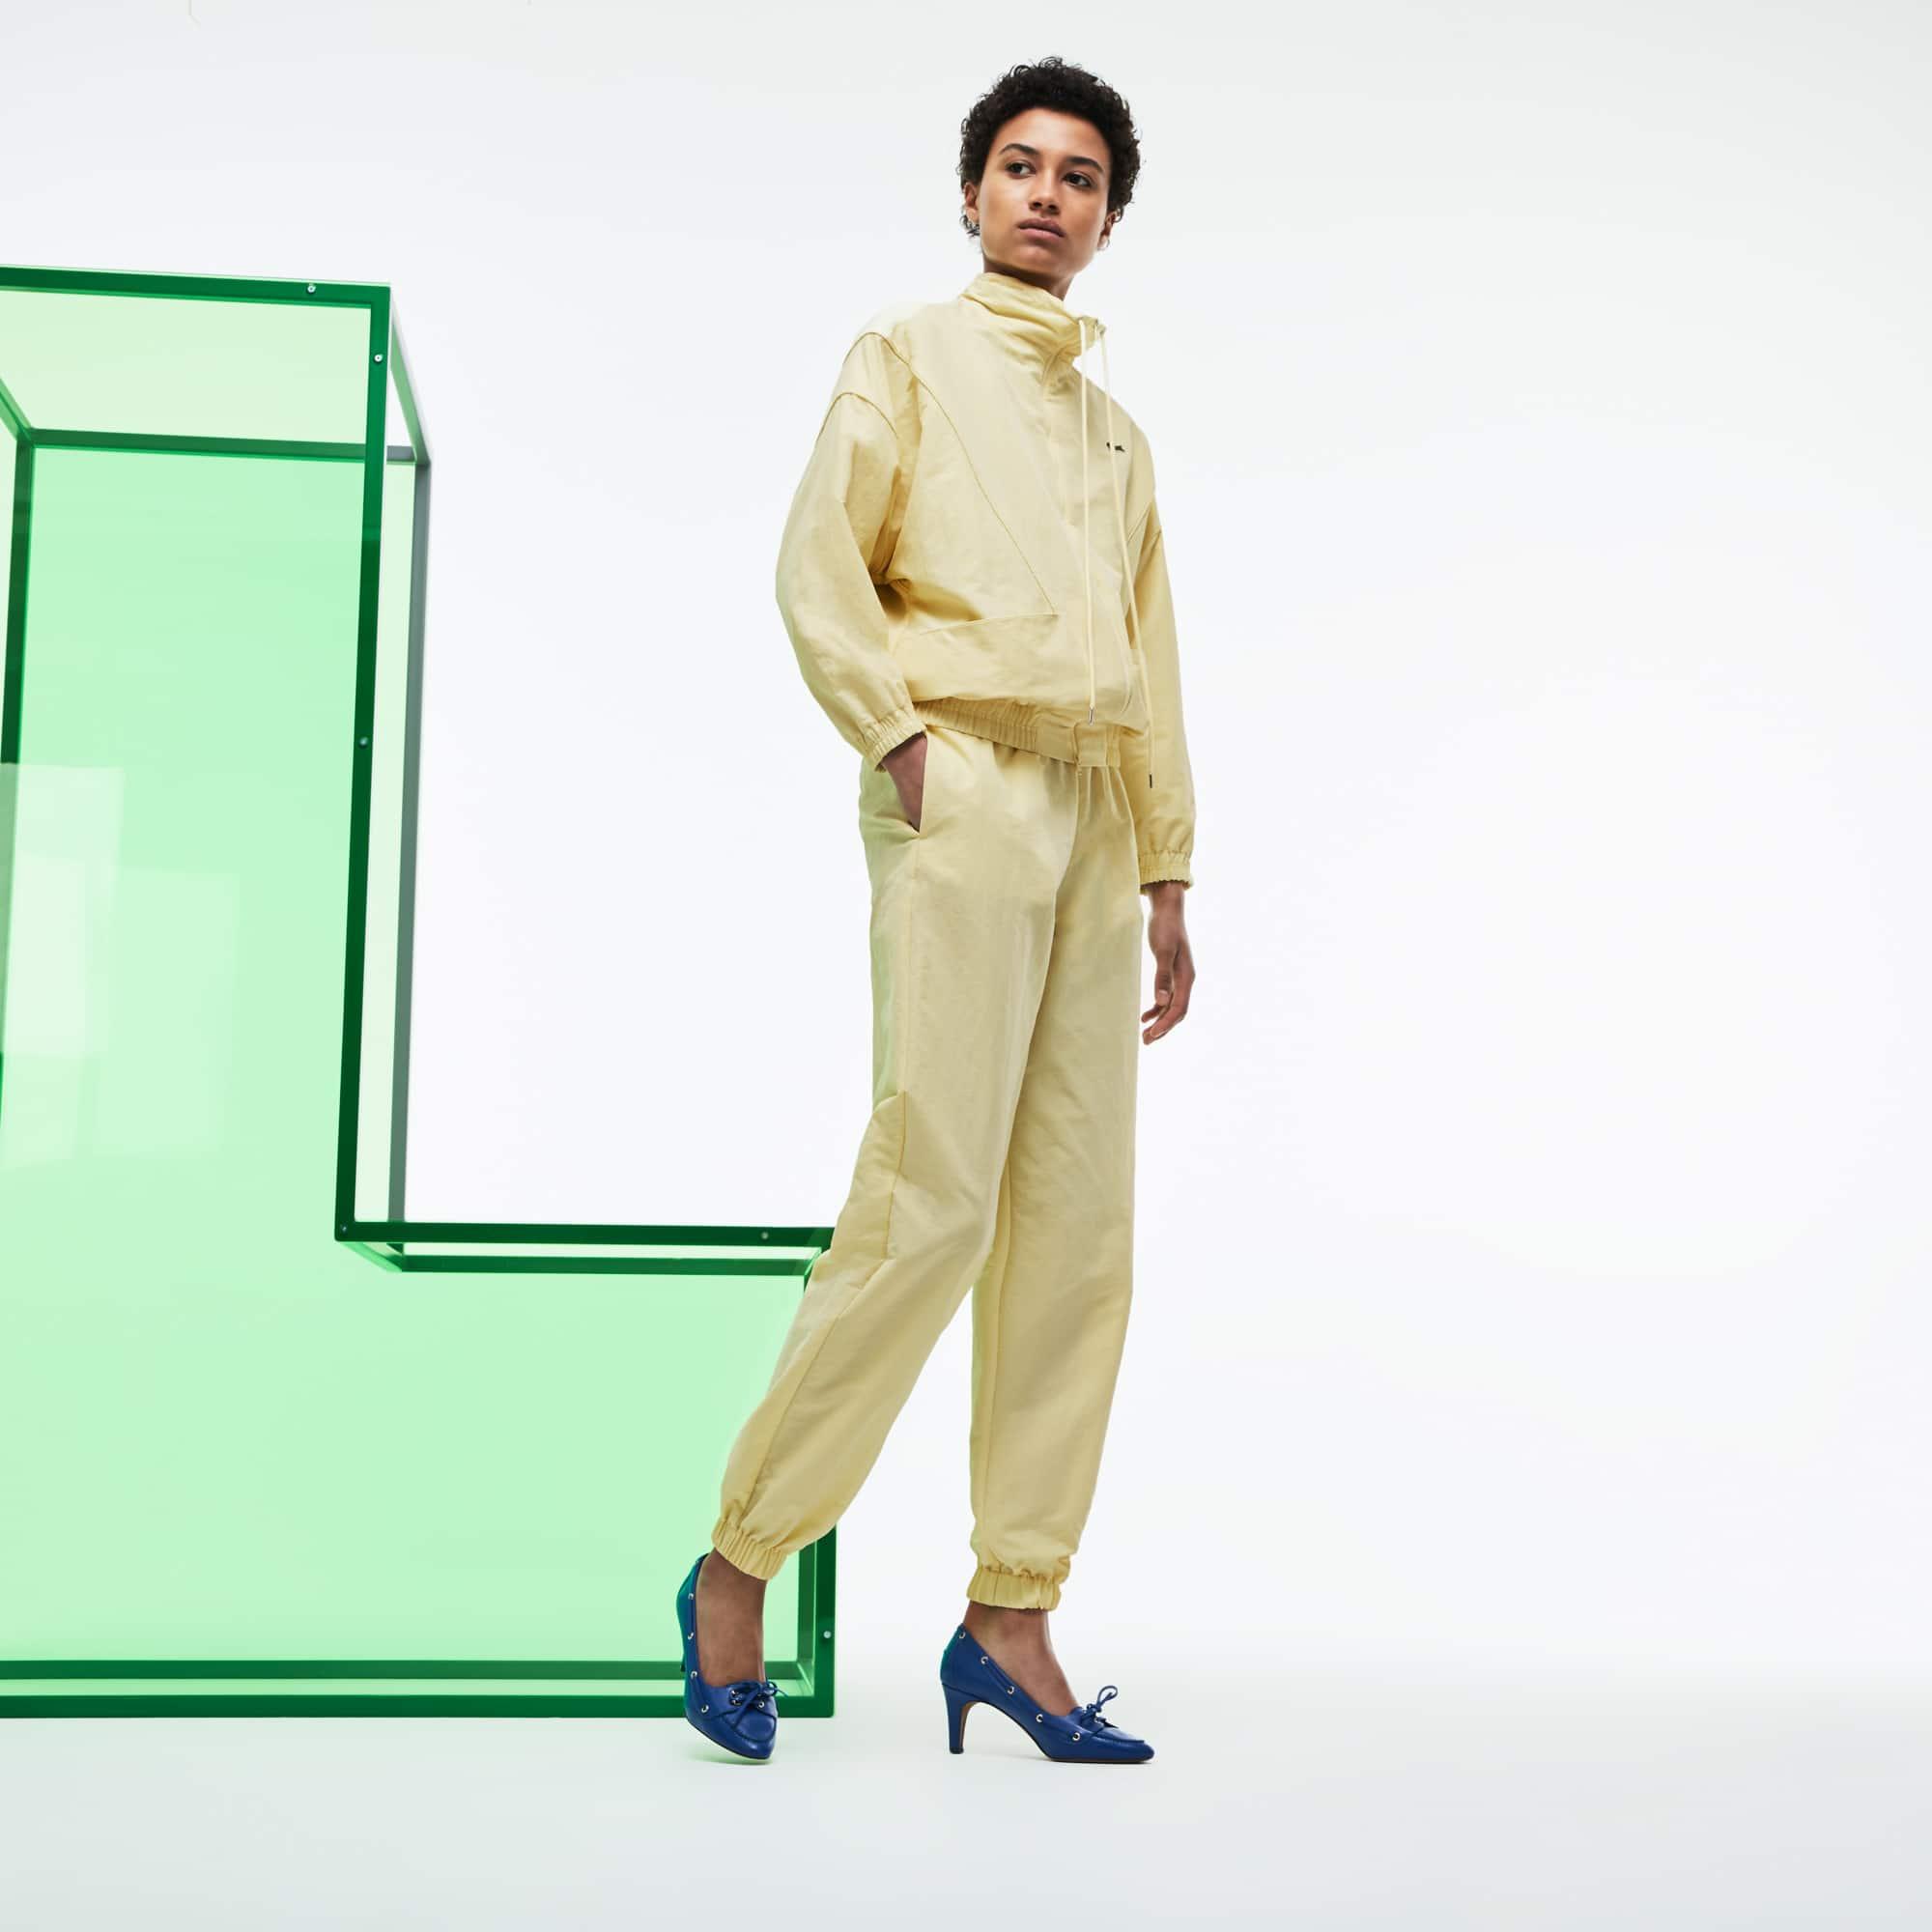 Women's Fashion Show Loose Fit Technical Canvas Sweatpants